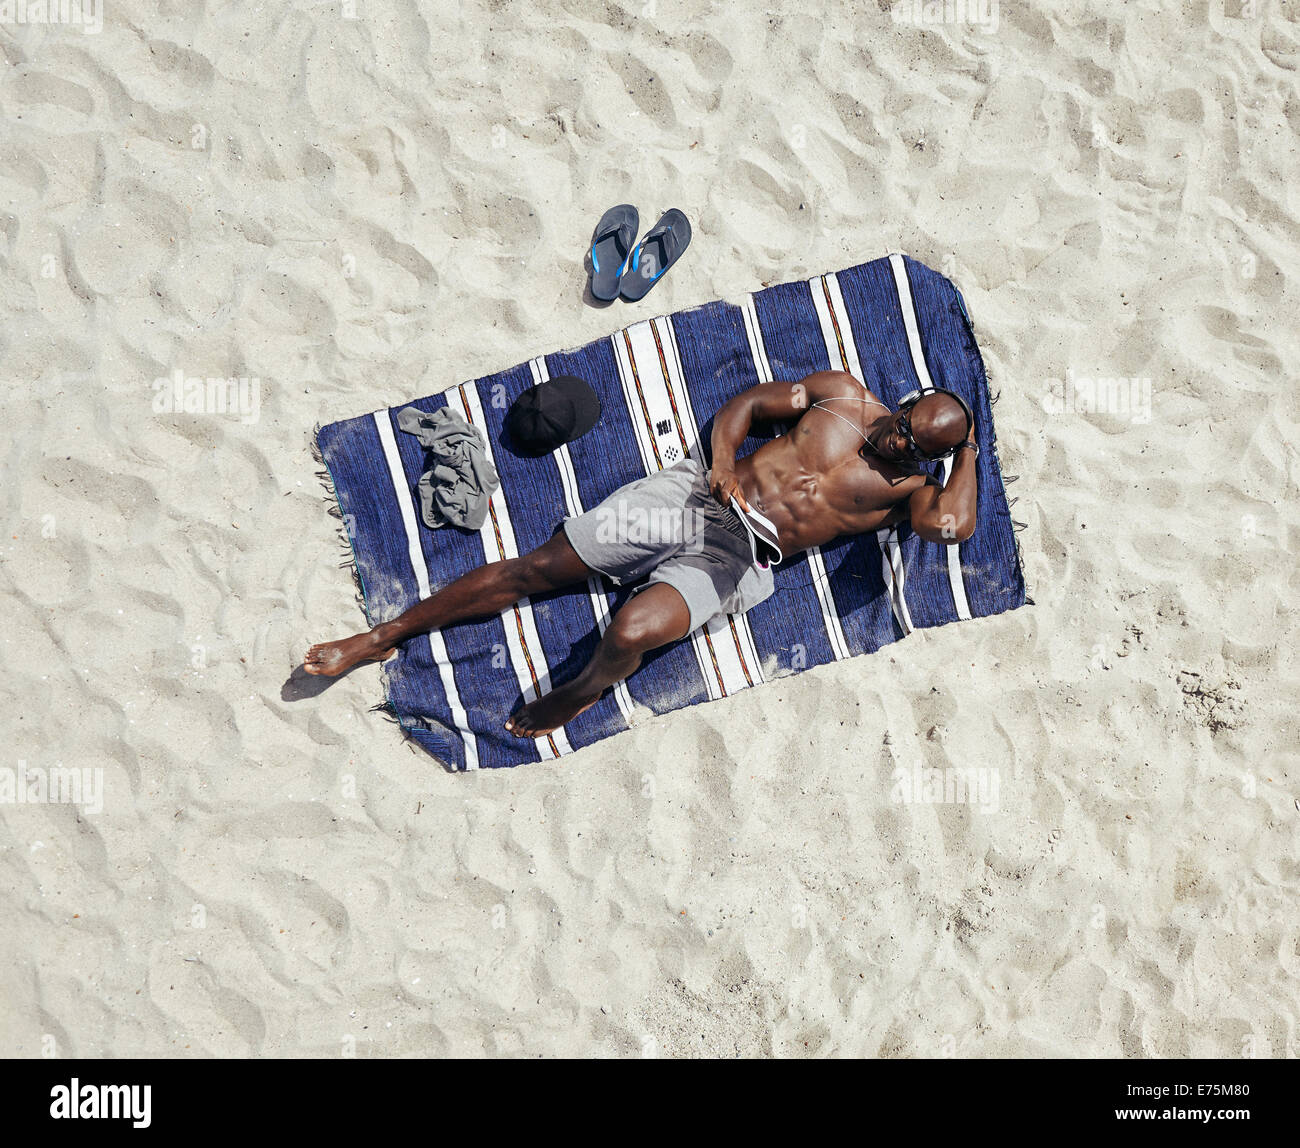 Draufsicht der junge Kerl nacktem Oberkörper liegend auf einer Matte, die eine Zeitschrift liest. Afrikanische Stockbild